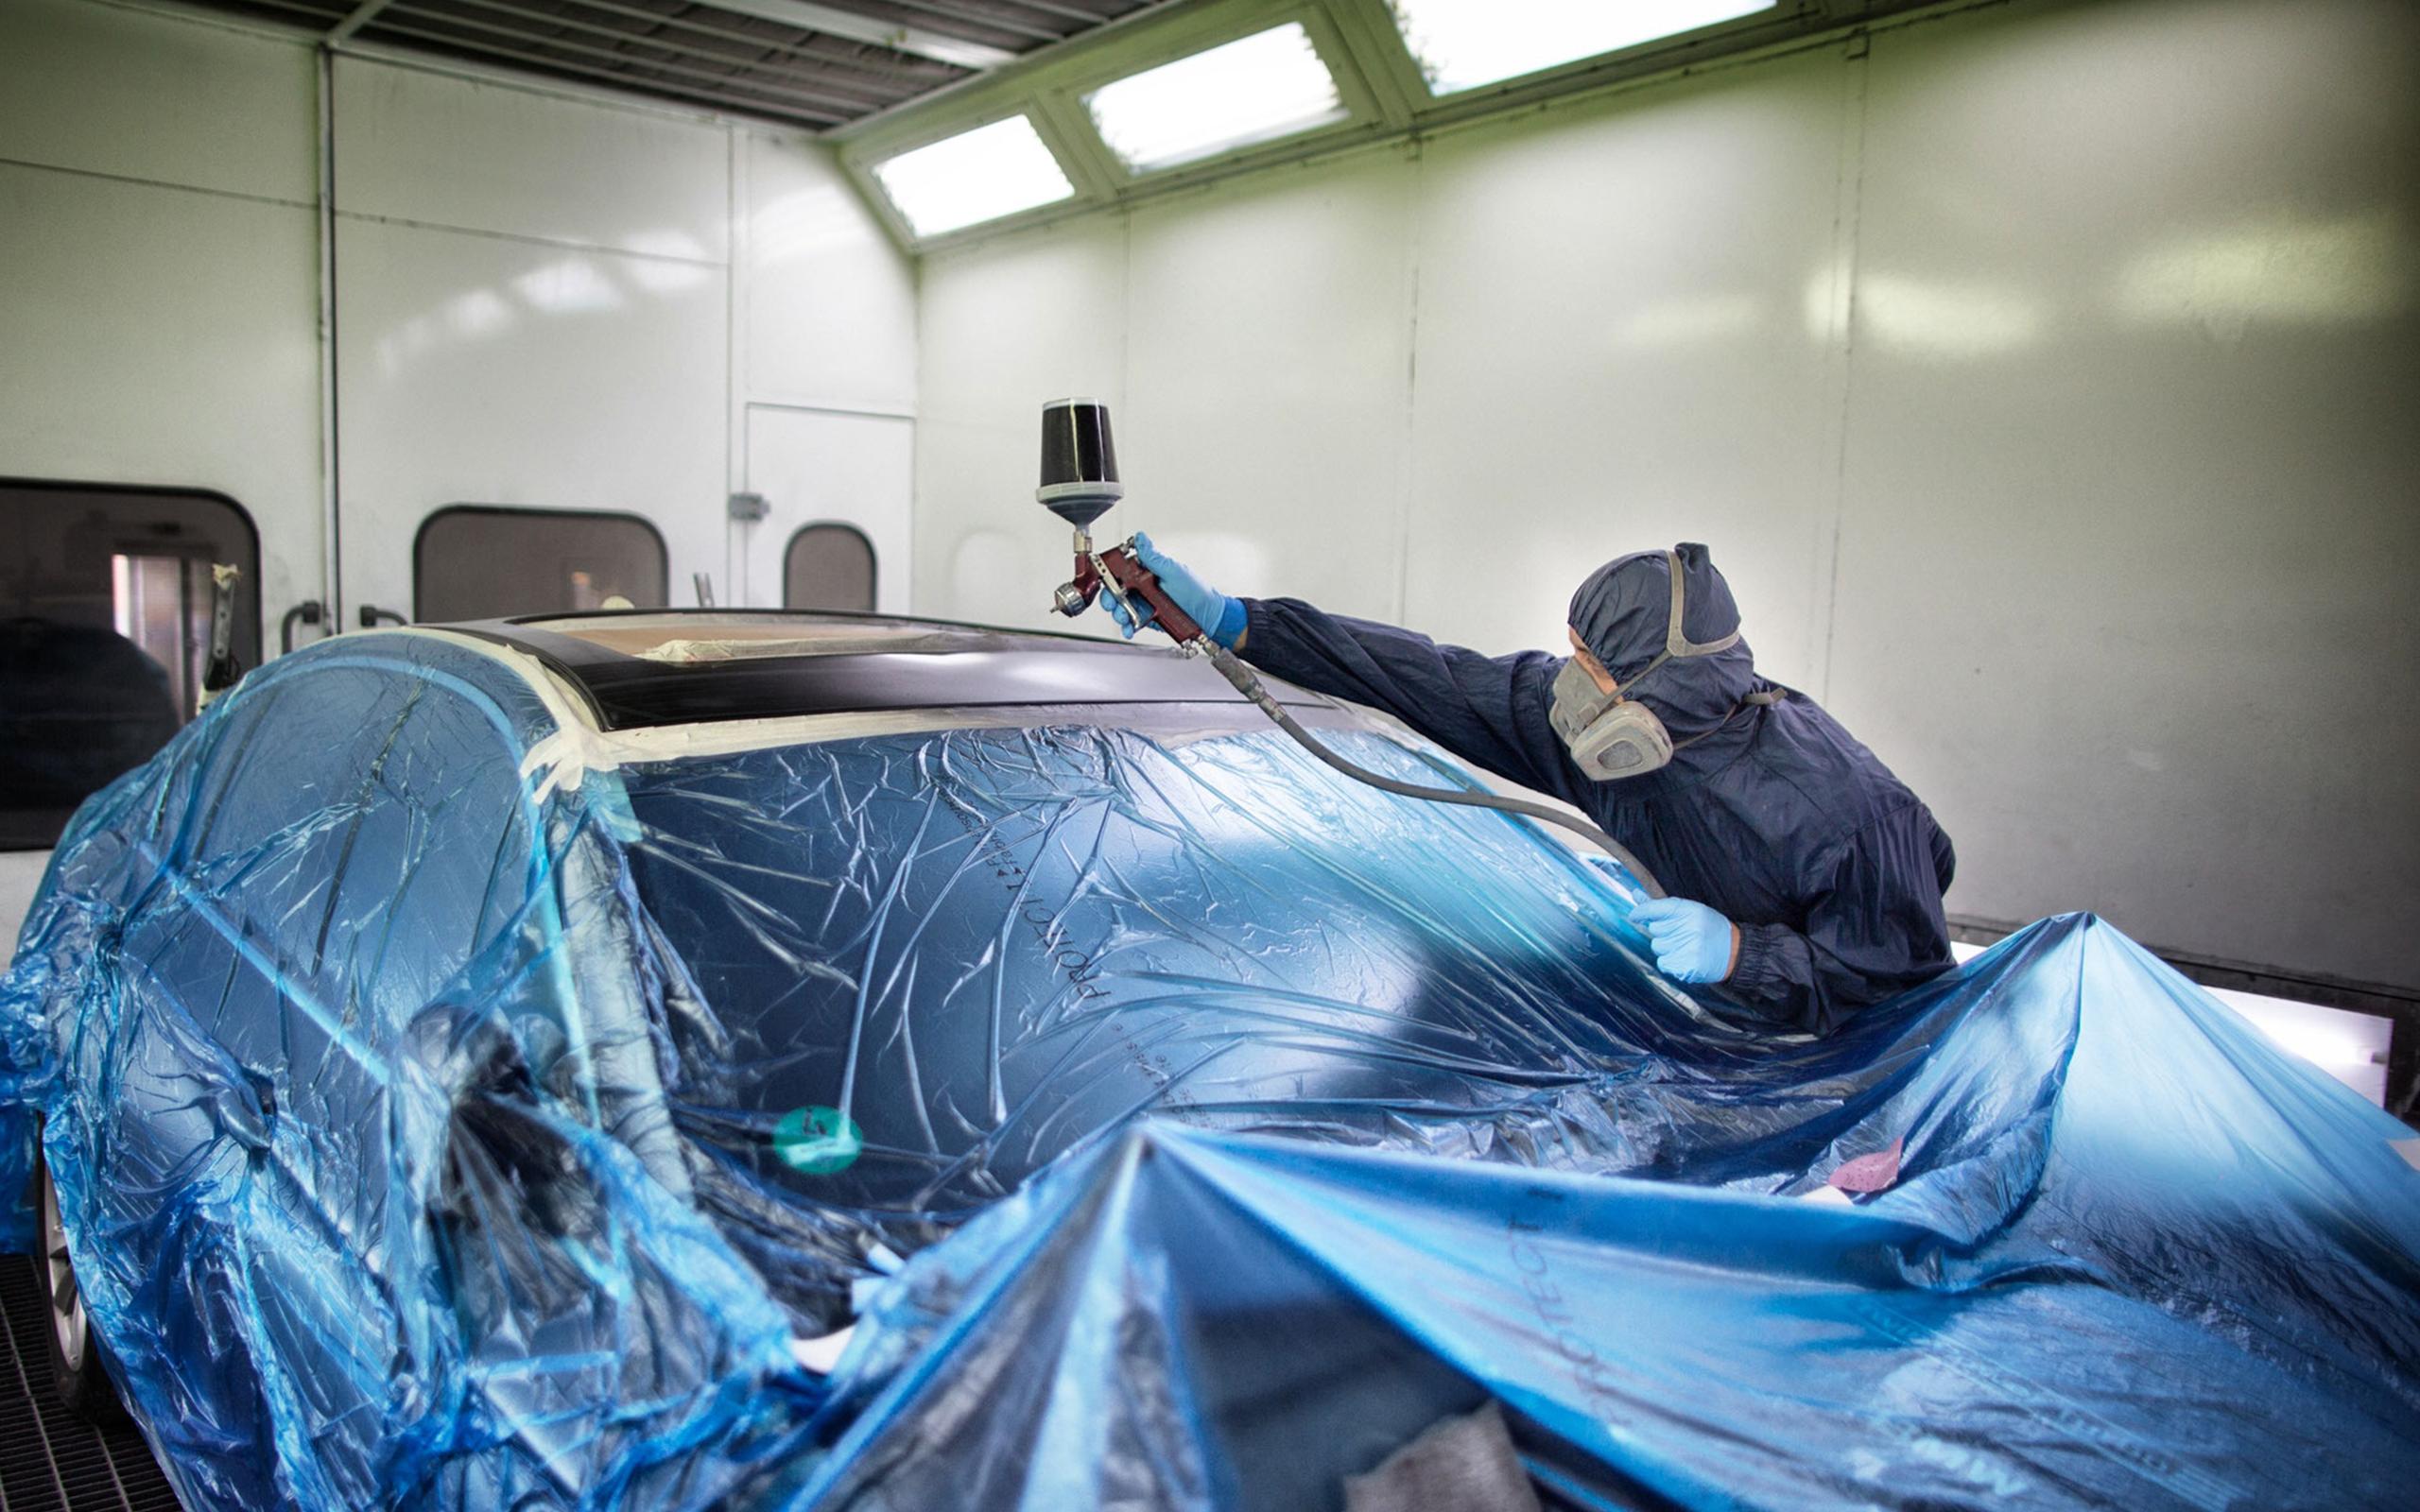 Mitarbeiter in Schutzkleidung lackiert ein Auto - Karosseriebau und Lackiererei Kolahi e.k. seit 1997 in Mönchengladbach